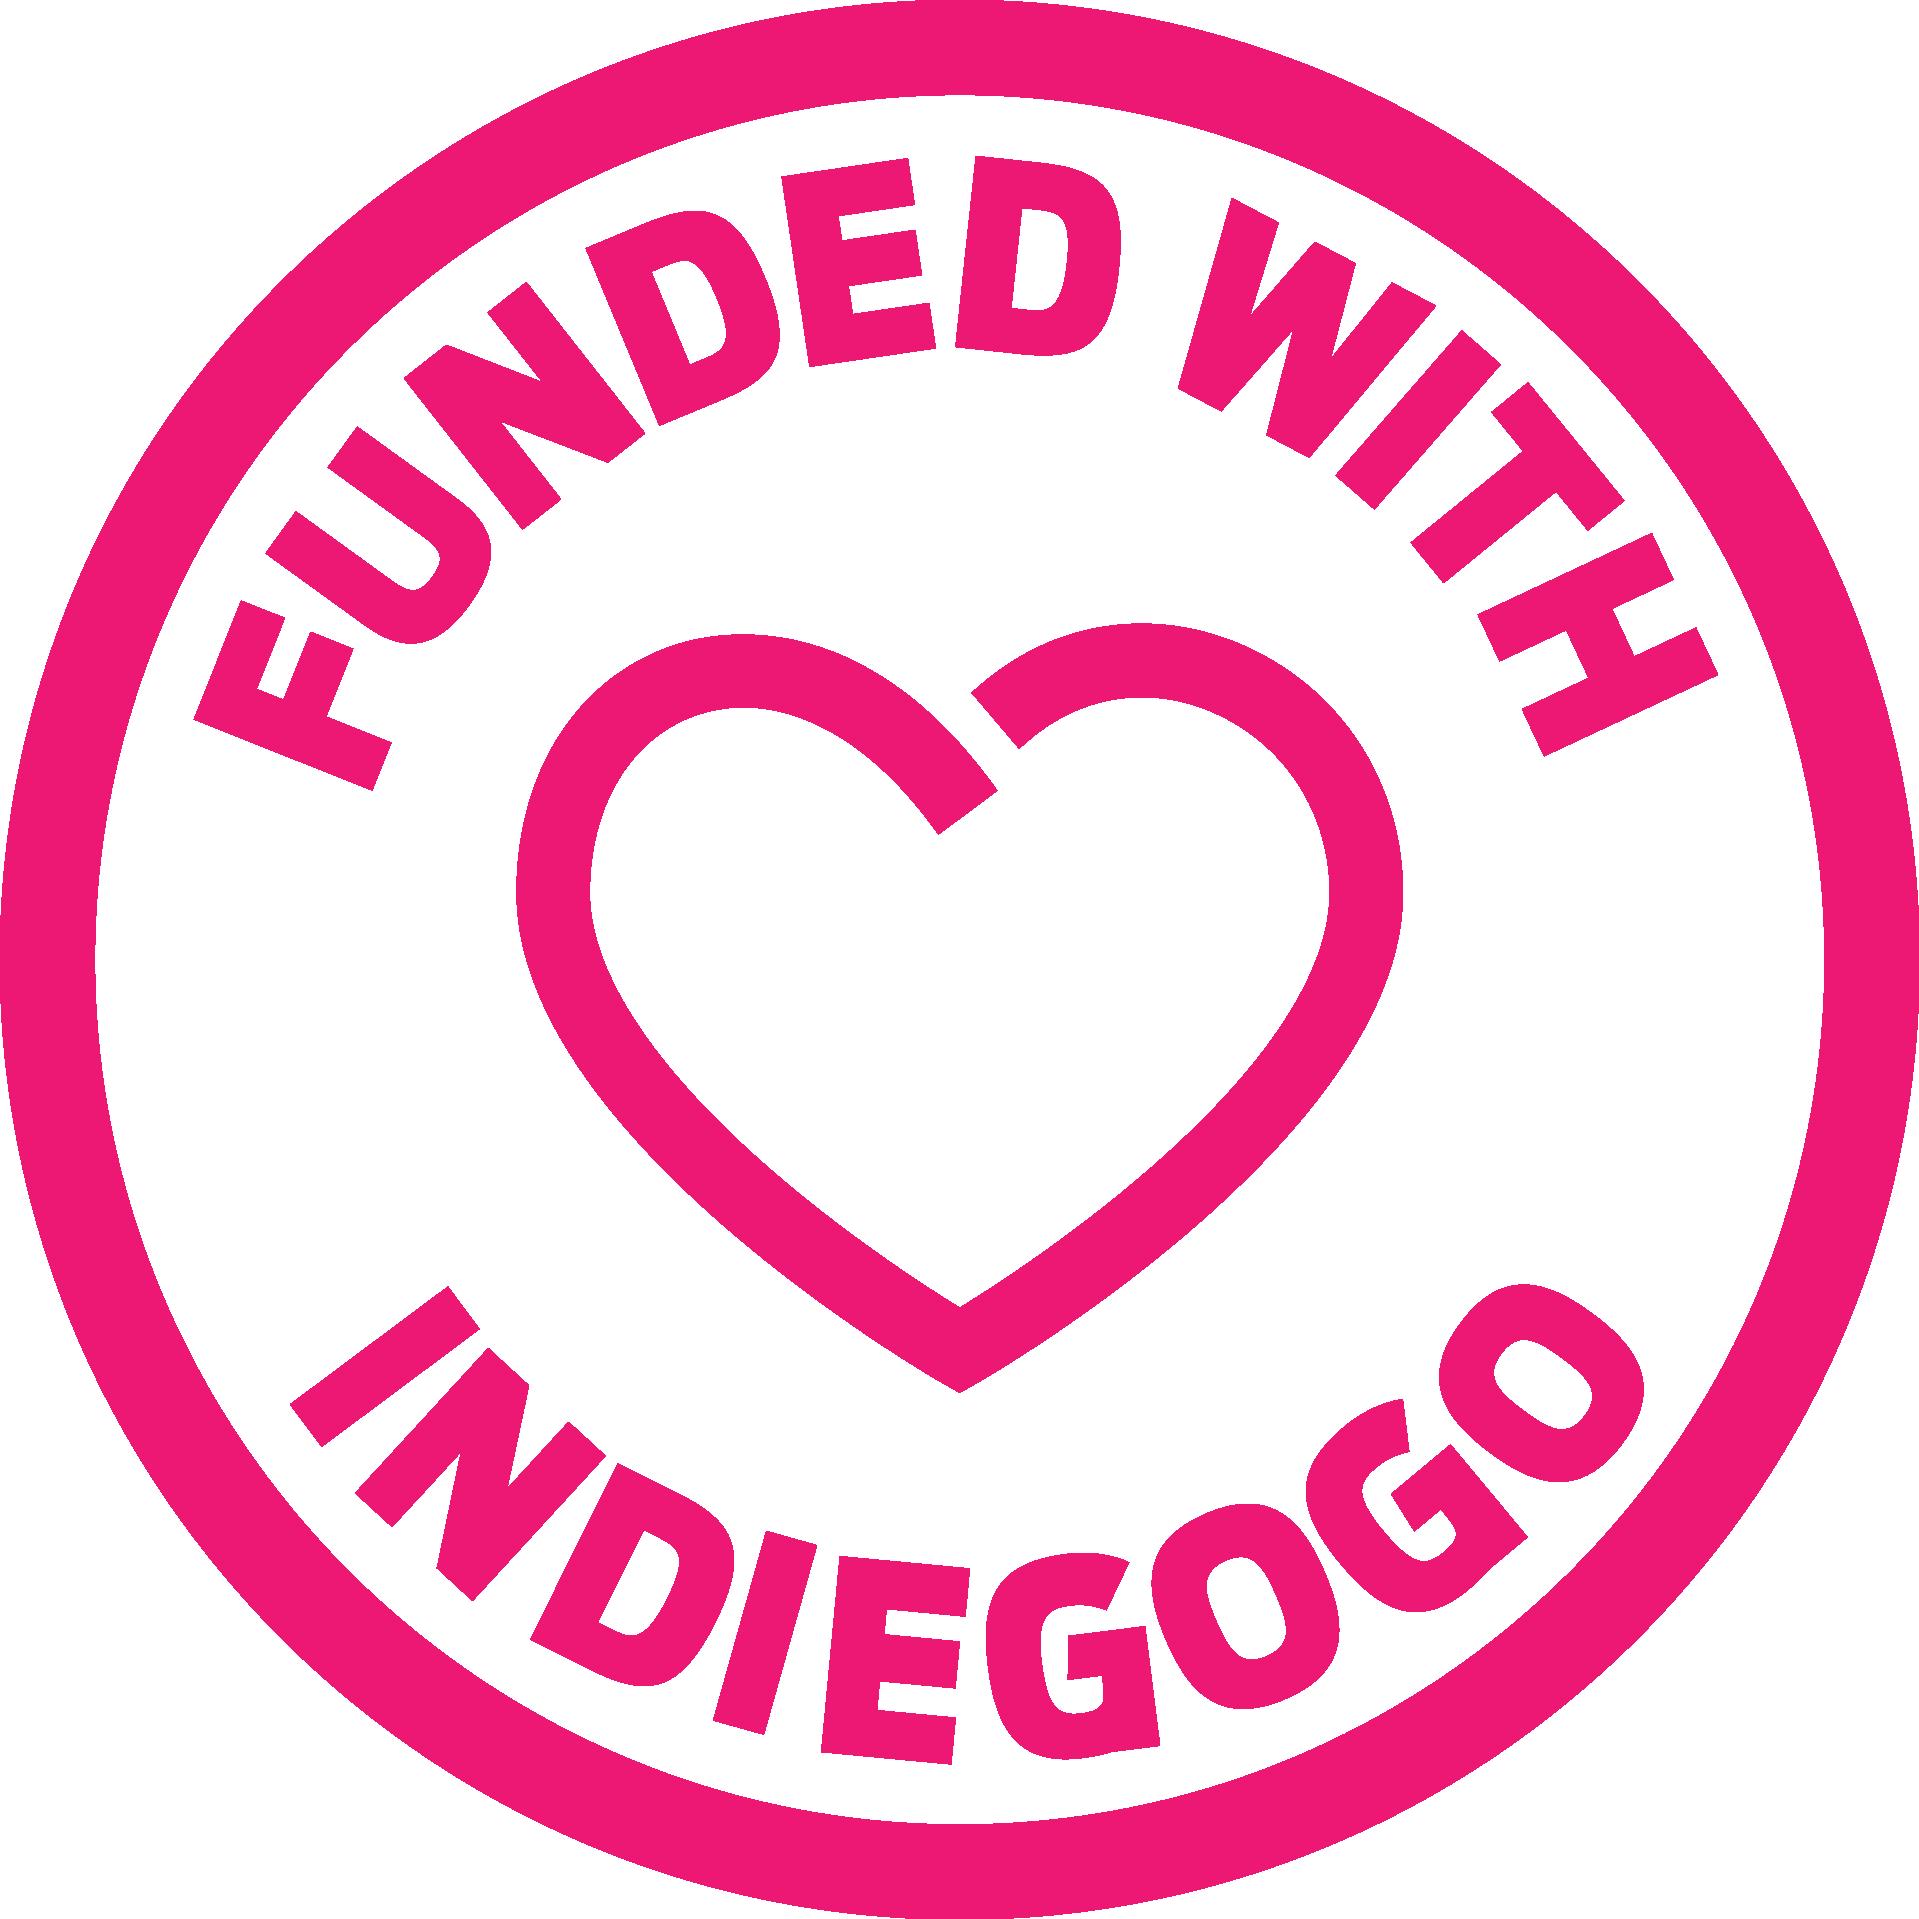 Blips on Indiegogo Marketplace! - SmartMicroOptics